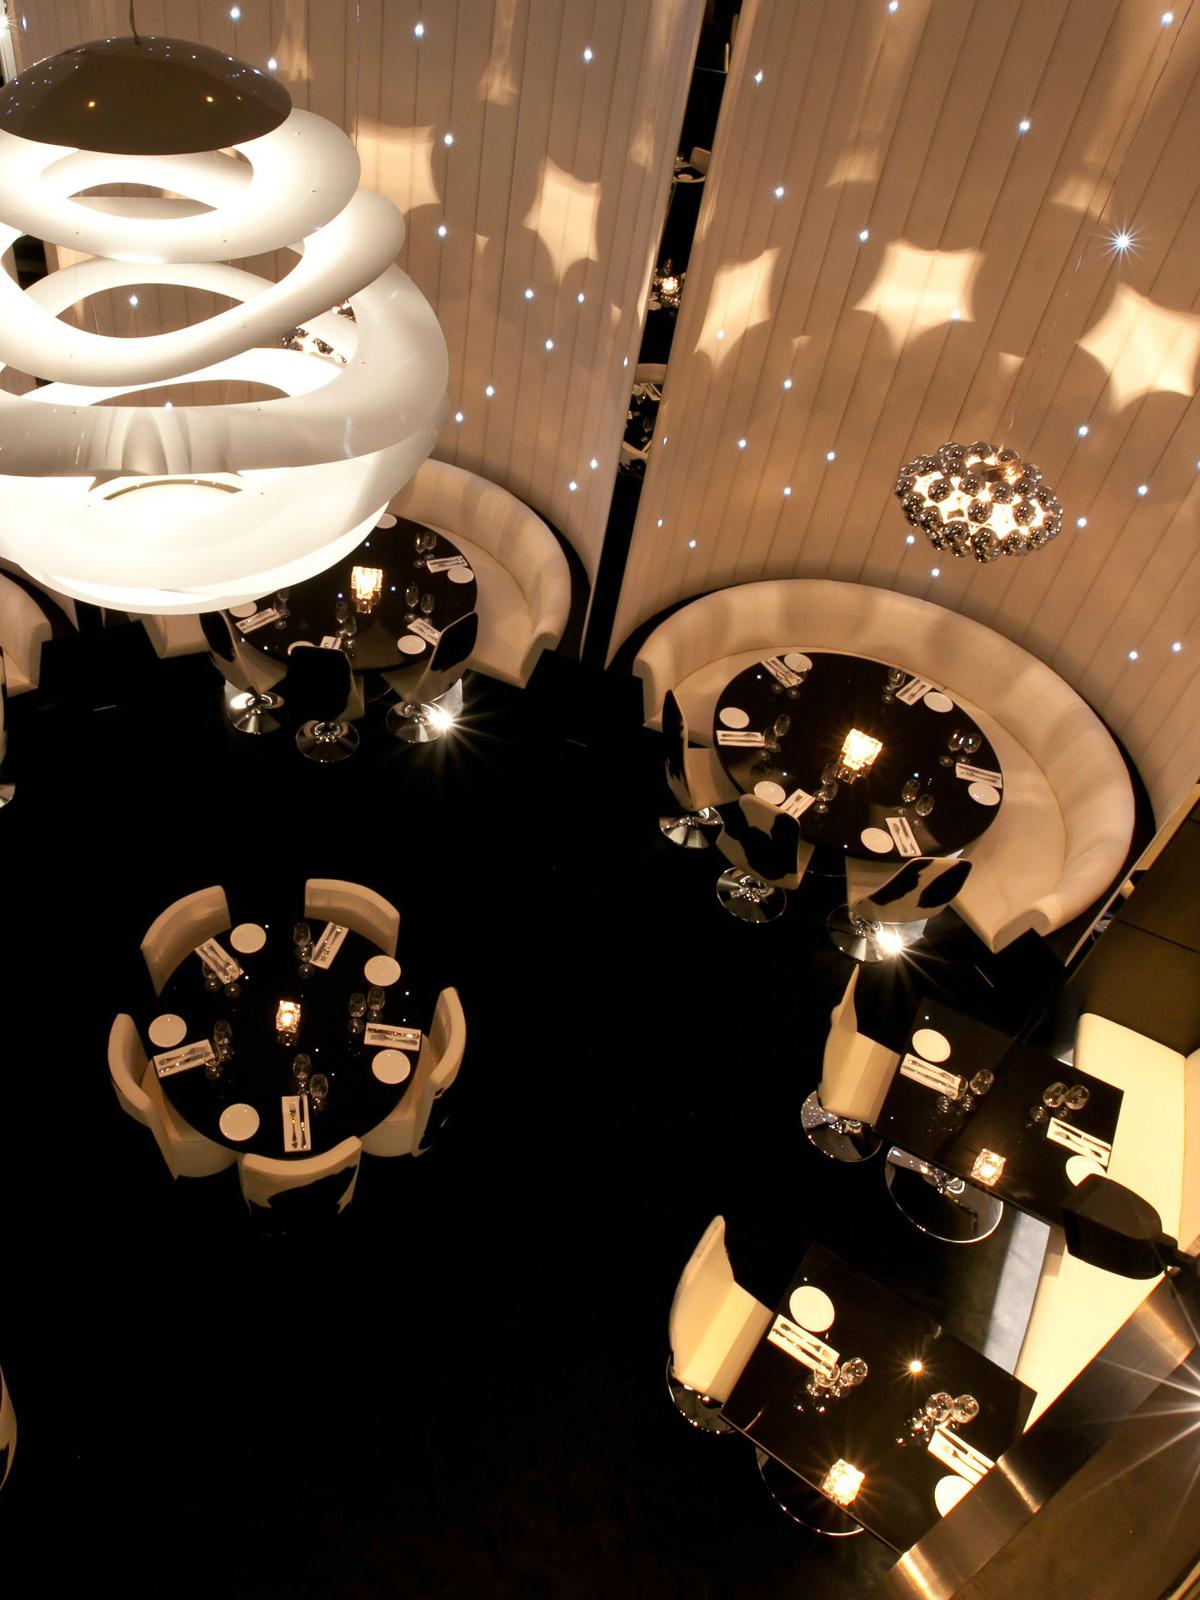 DesignOrt Blog: Die Designwelt von Innermost Innermost Beads Octo und Bubble Pendelleuchten